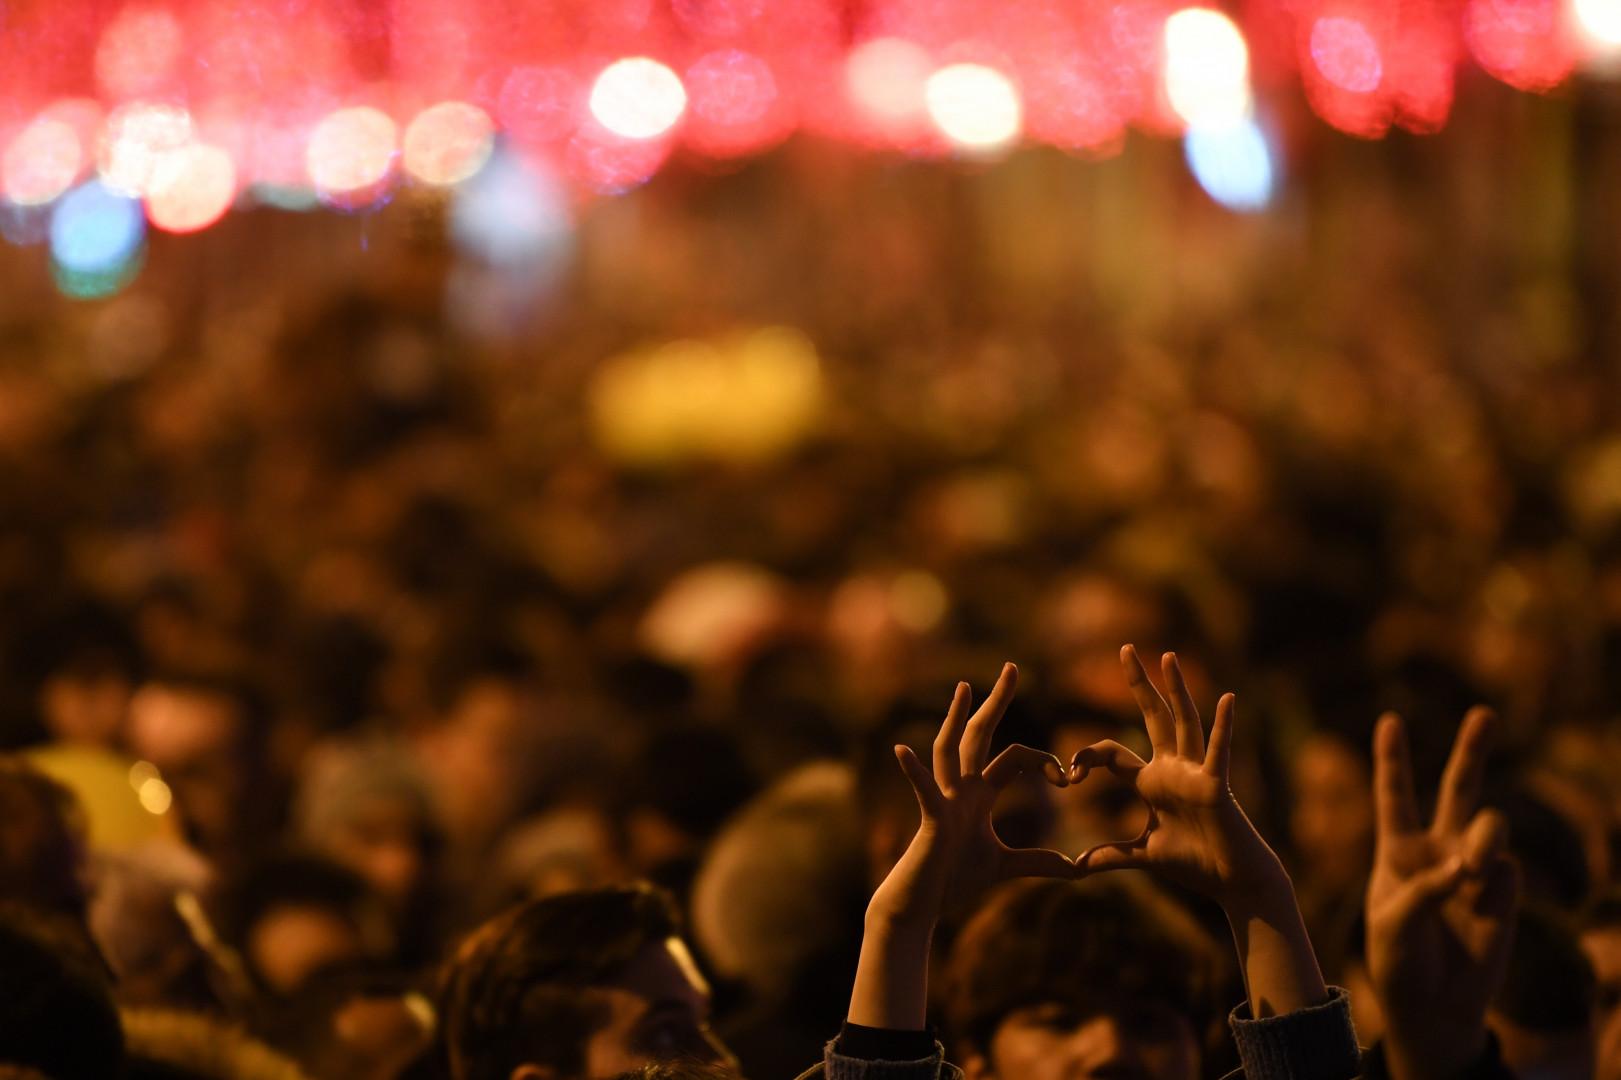 Un cœur formé avec des doigts dans la foule sur les Champs-Élysées, le 31 décembre 2018